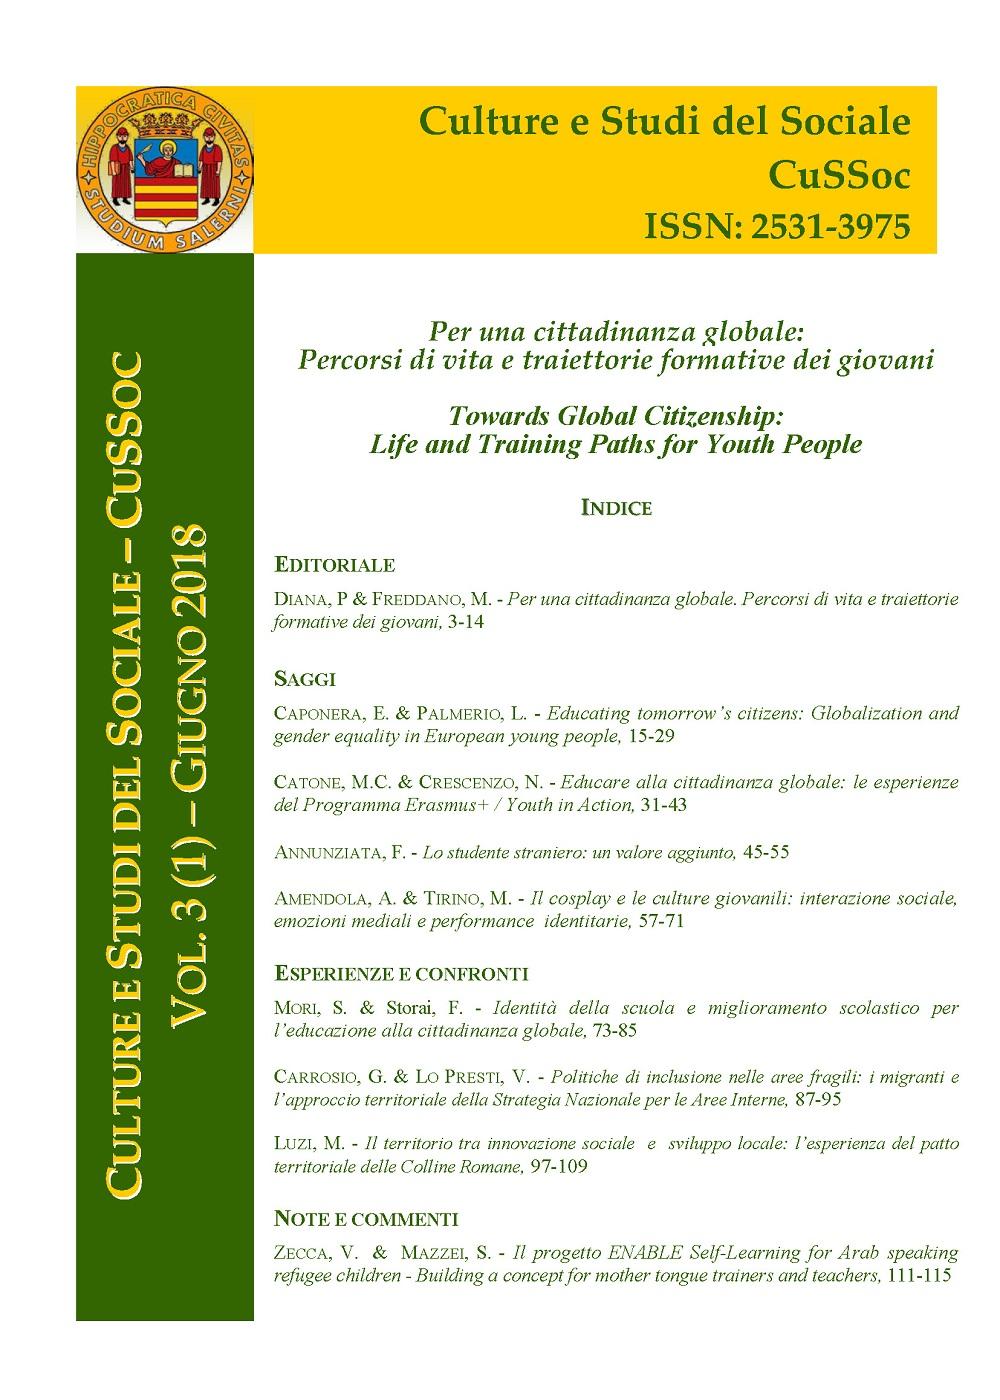 View Vol. 3 No. 1 (2018): Per una cittadinanza globale: Percorsi di vita e traiettorie formative dei giovani / Towards Global Citizenship: Life and Training Paths for Youth People